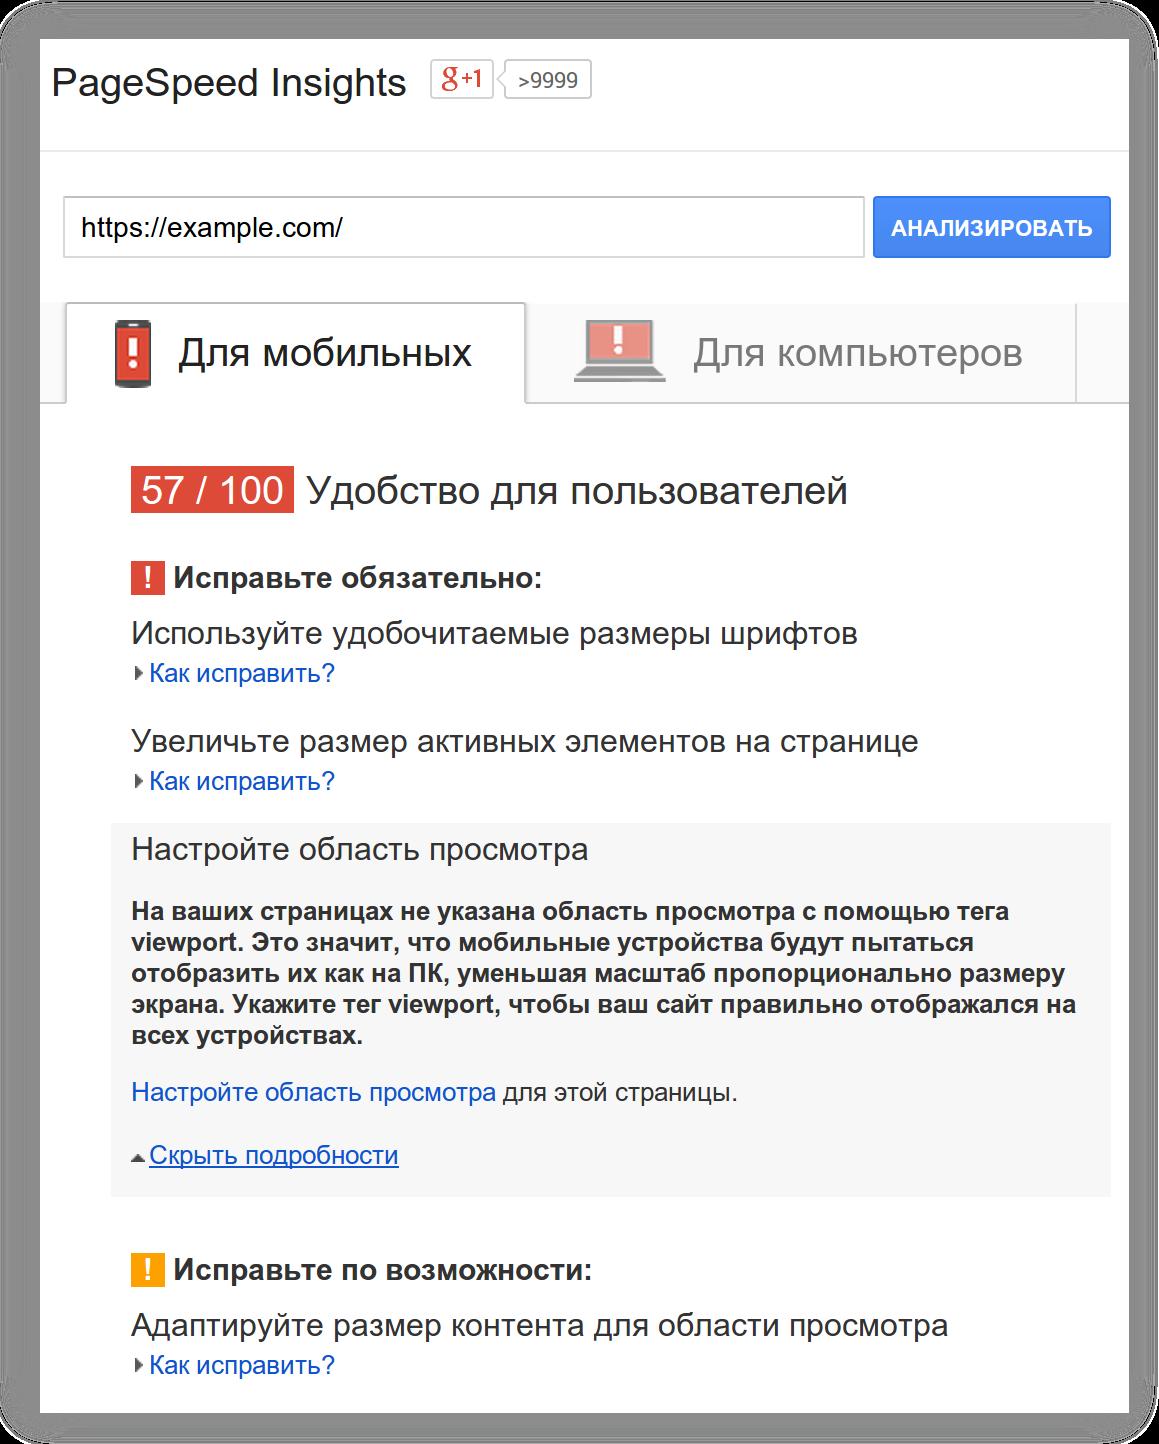 Как оптимизировать сайт для мобильных устройств с помощью PageSpeed Insight ...